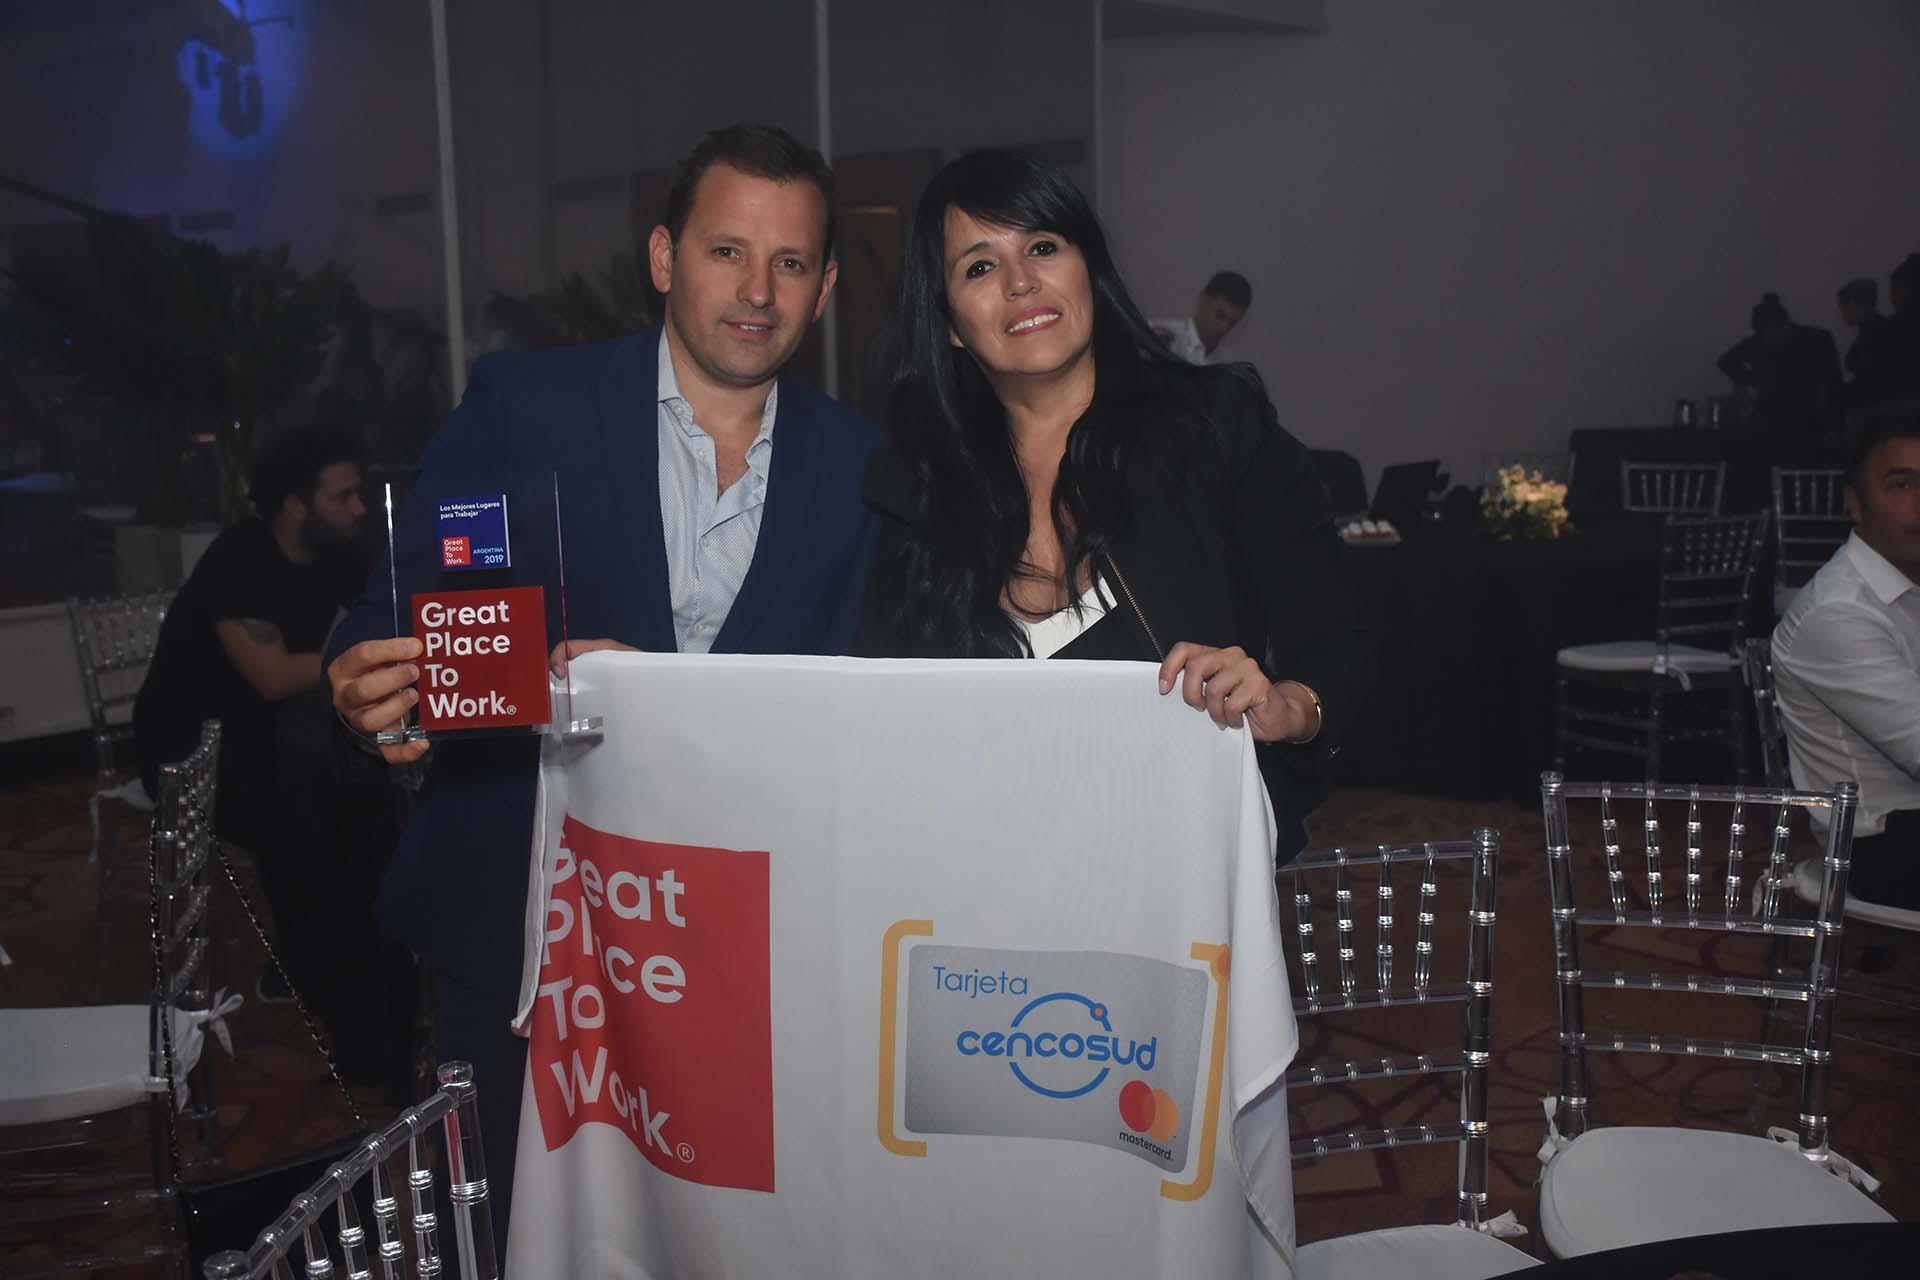 Laura Mesías, gerente de operaciones y sistemas de Cencosud y Jorge Morral, jefe de administración y finanzas de Cencosud, una de las empresas distinguidas en la premiación